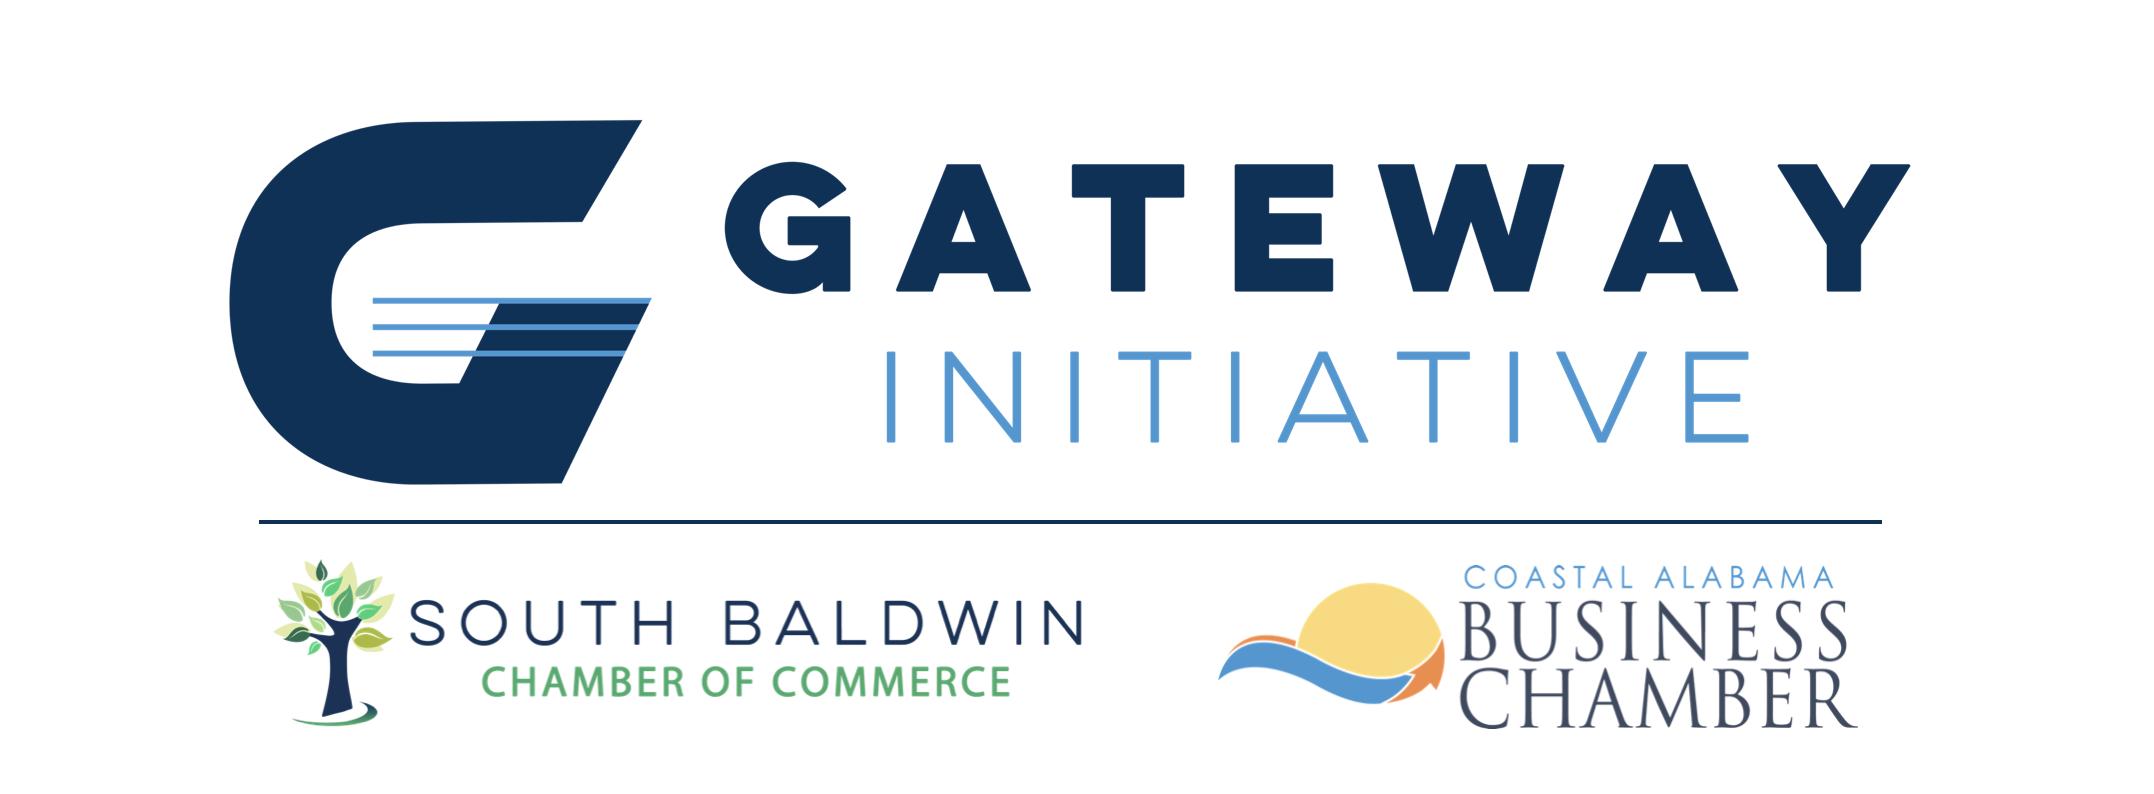 Gateway Initiative